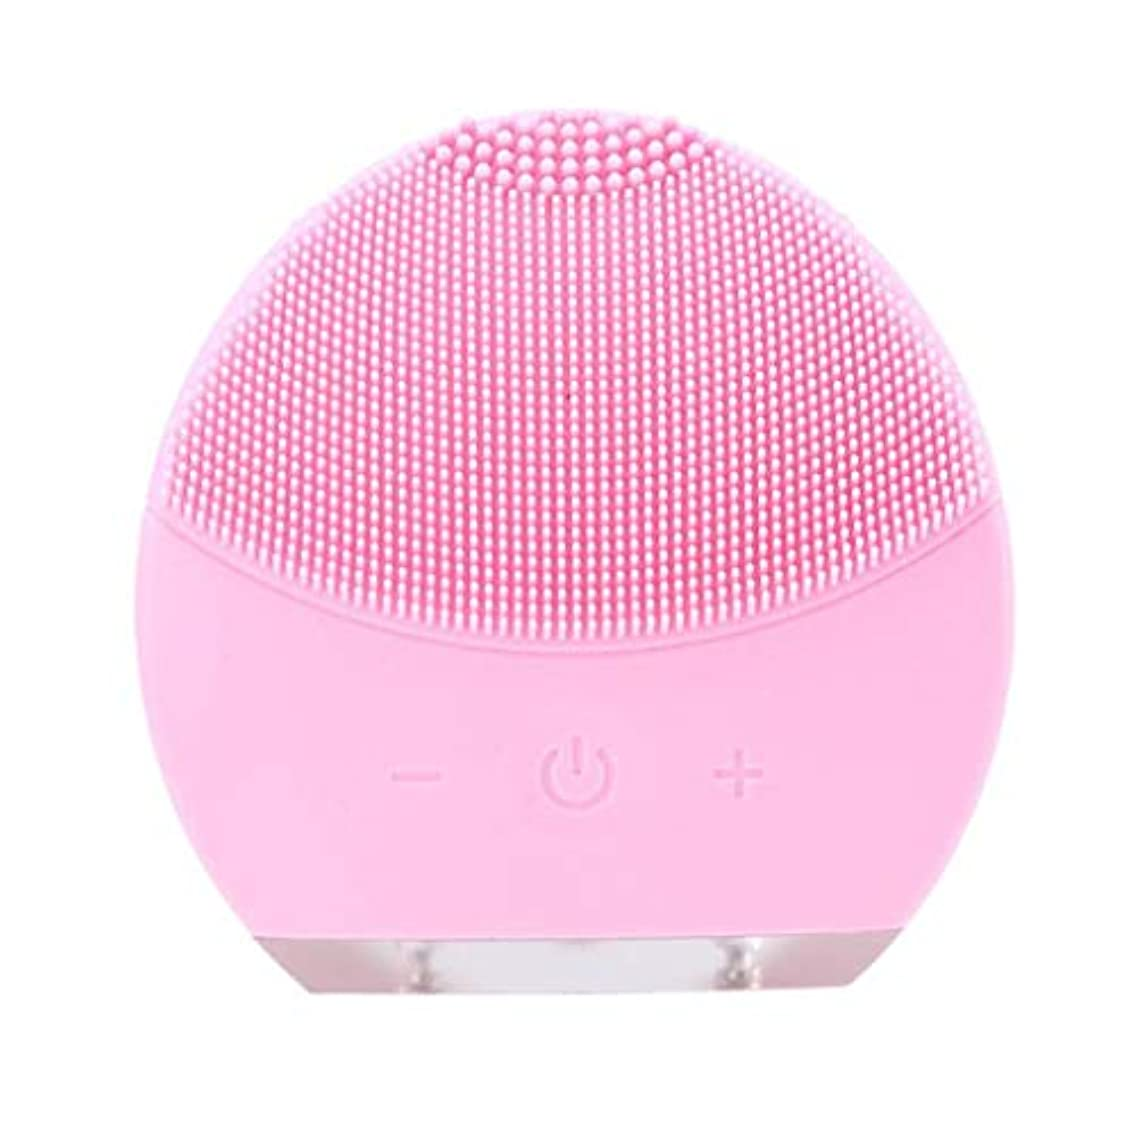 改革ビット責任超音波振動美容機器洗浄器、皮膚の毛穴を最小限に抑えるマイクロダーマブレーション毛穴、USB 充電と防水,Pink